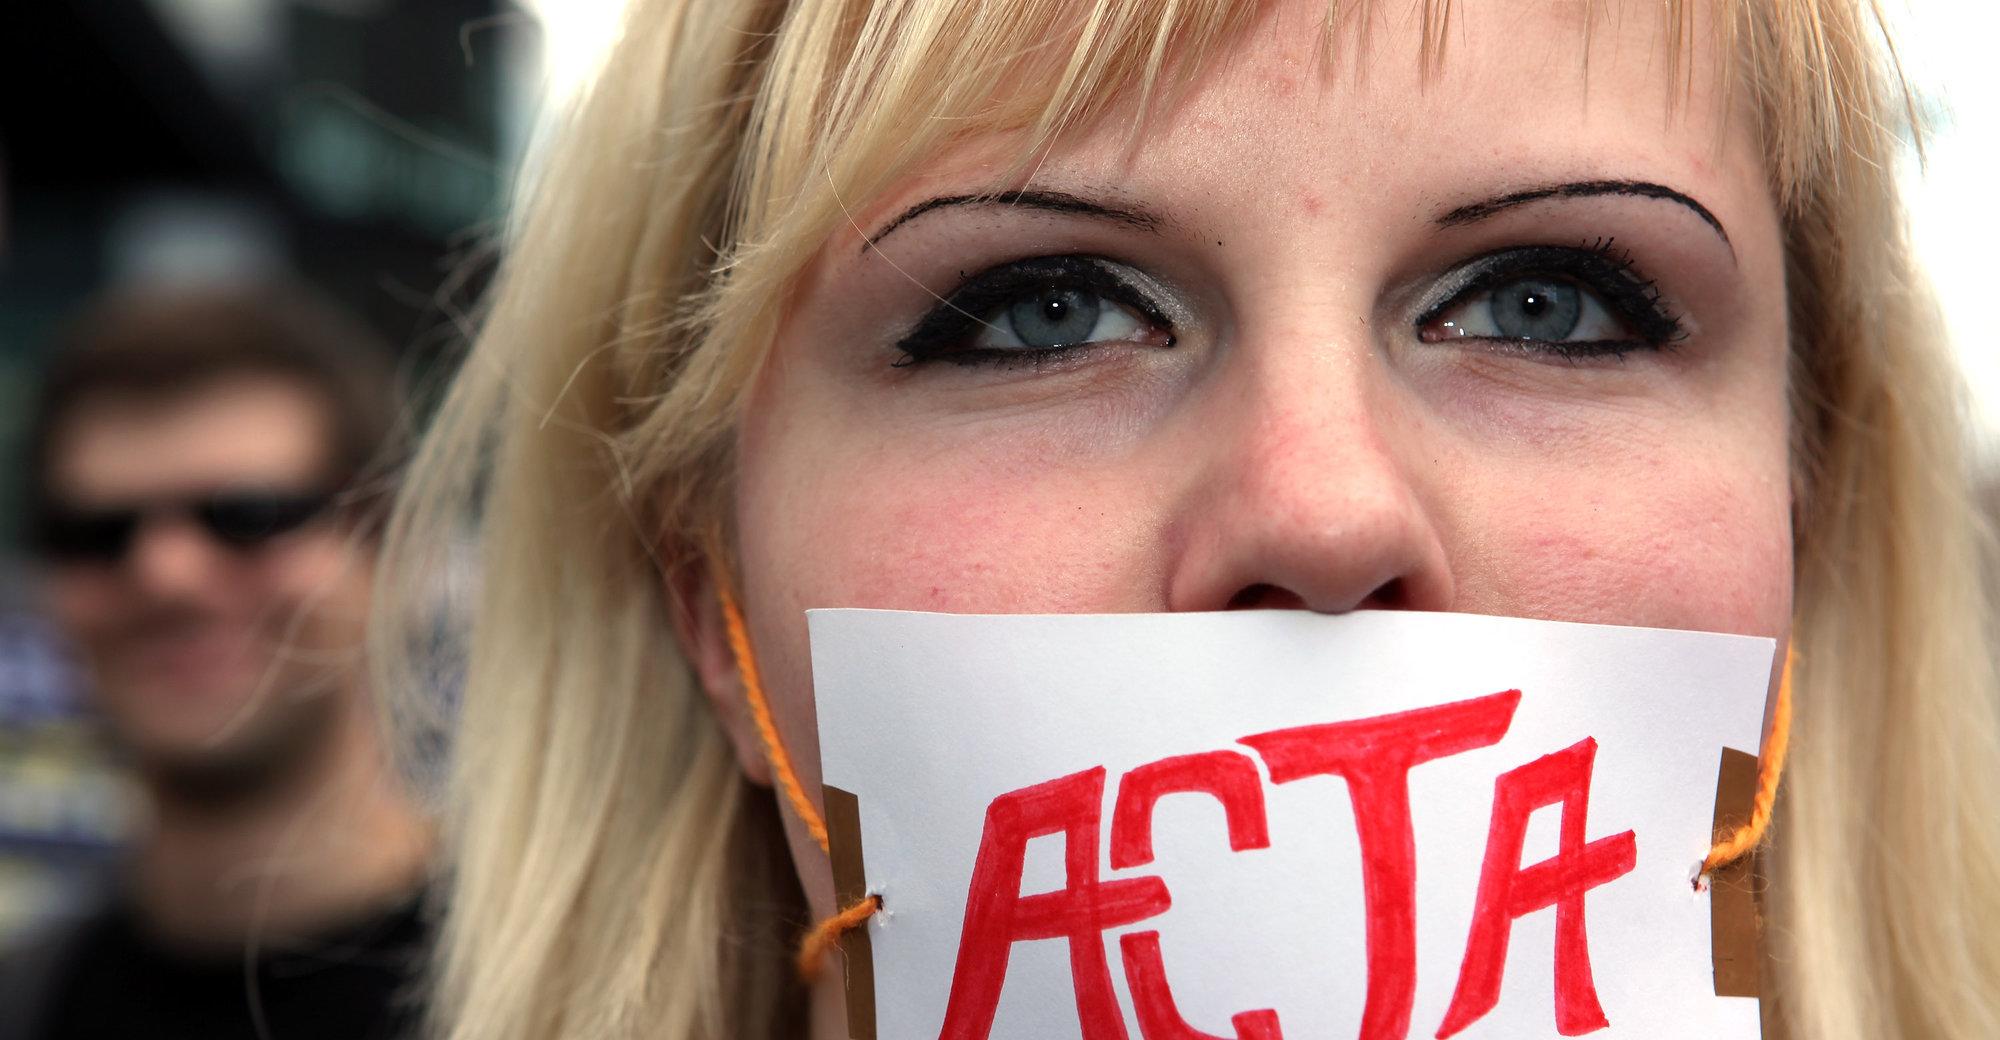 Ungdommer over hele Europa engasjerte seg sterkt mot ACTA-avtalen. Her fra en demonstrasjon i Berlin i forrige måned.